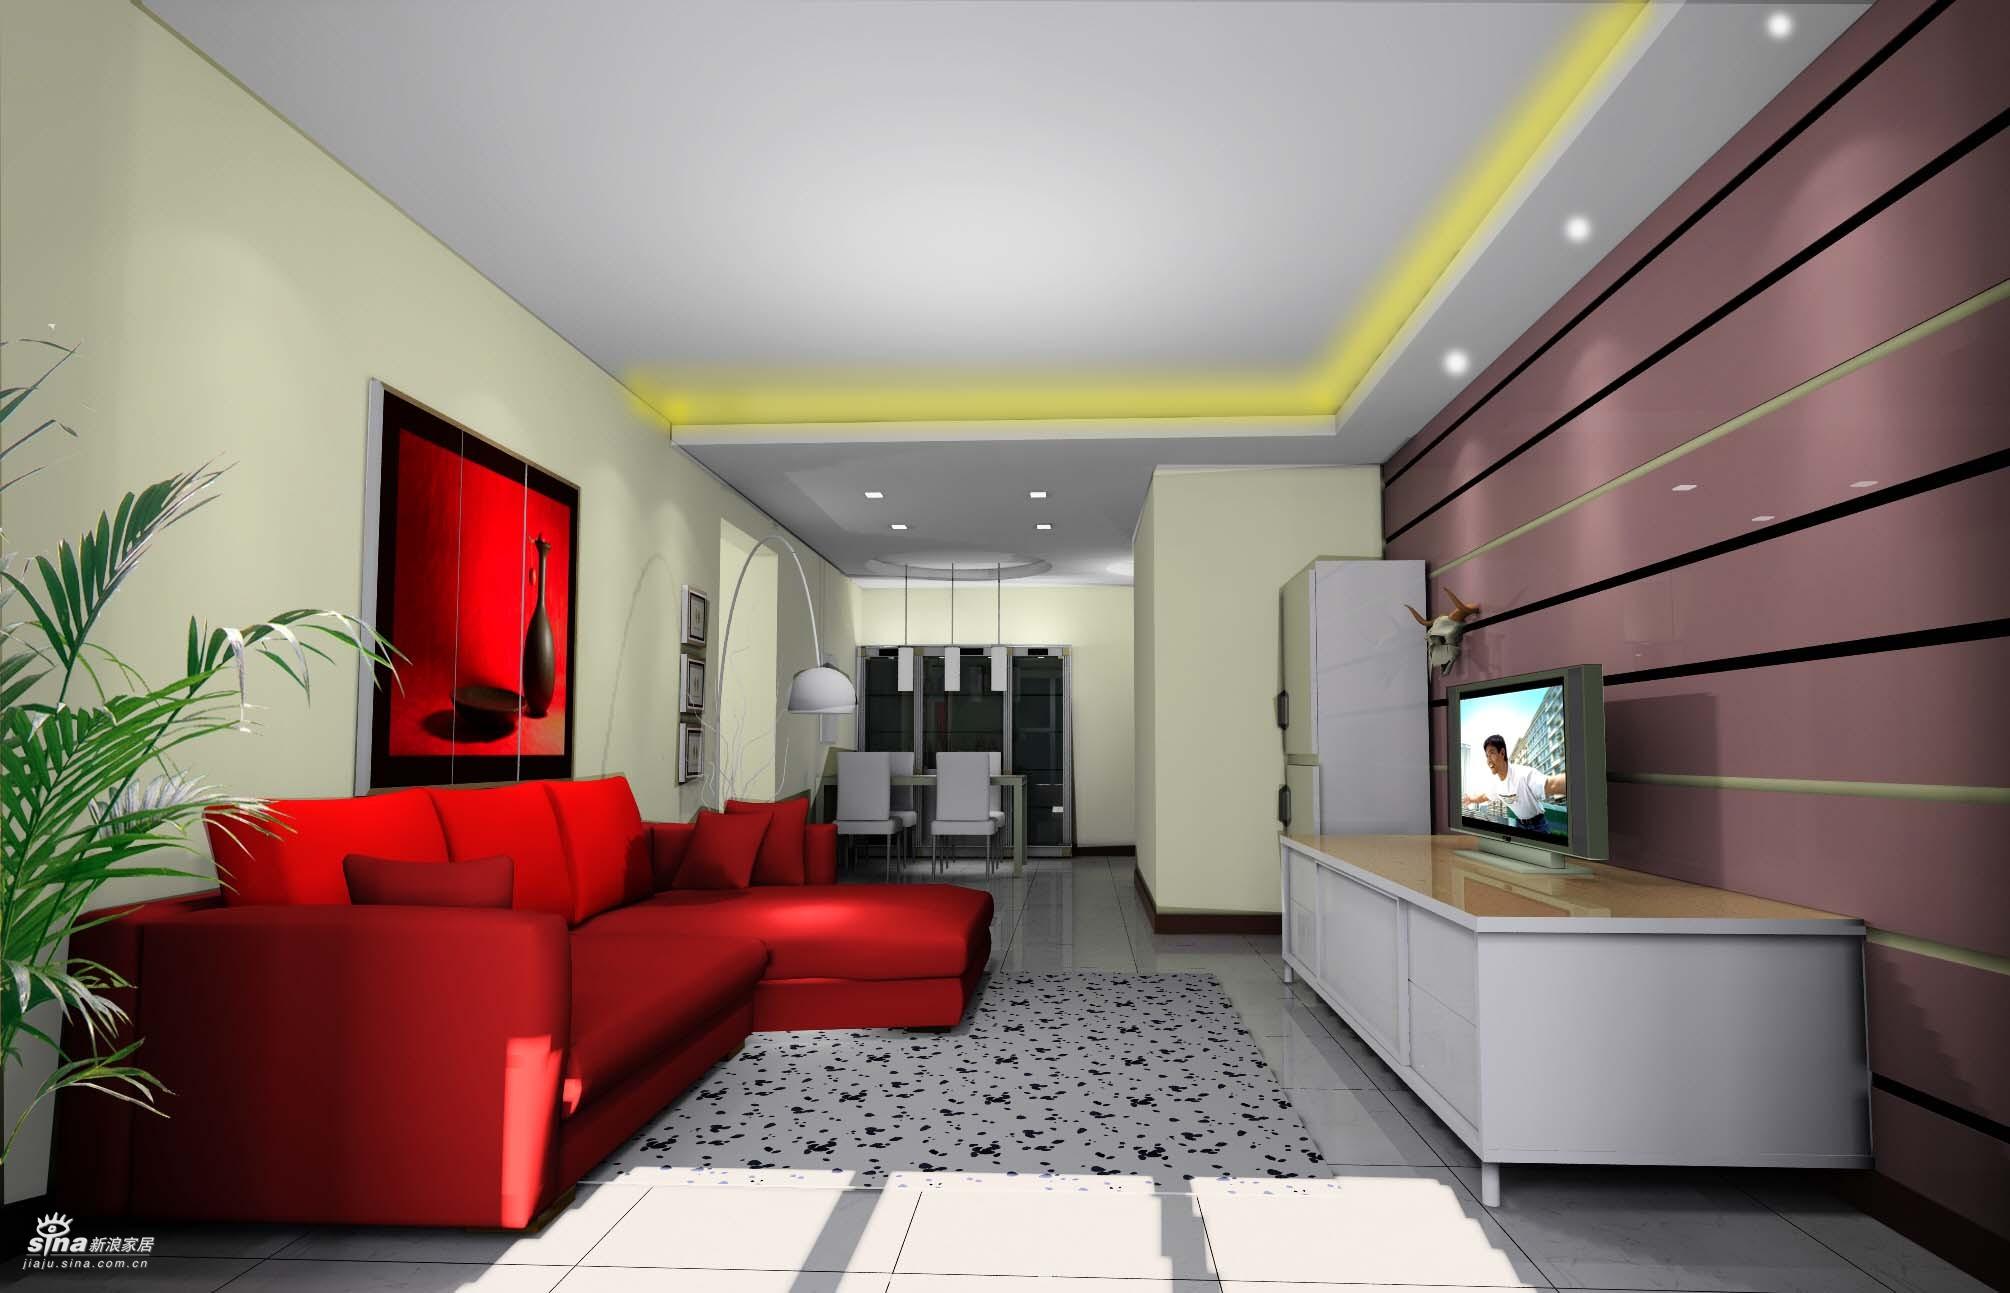 简约 三居 客厅图片来自用户2738820801在简约现代风格86的分享